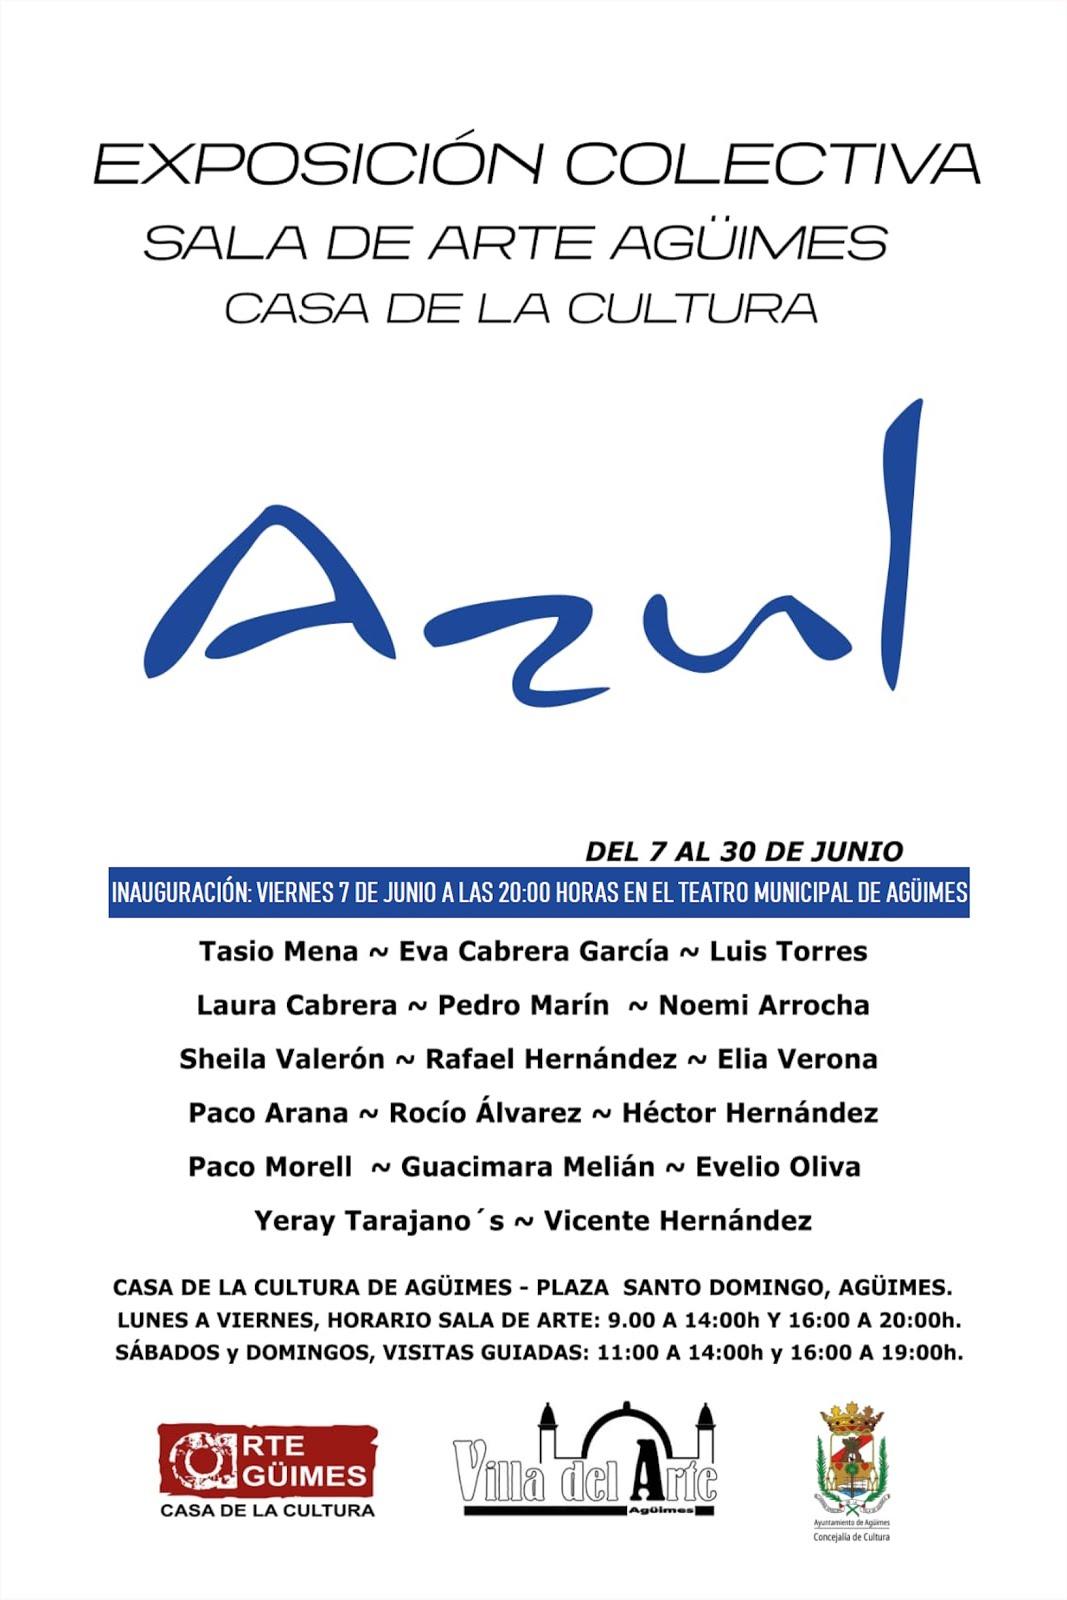 Exposición Colectiva Azul en la Sala de Arte Agüimes